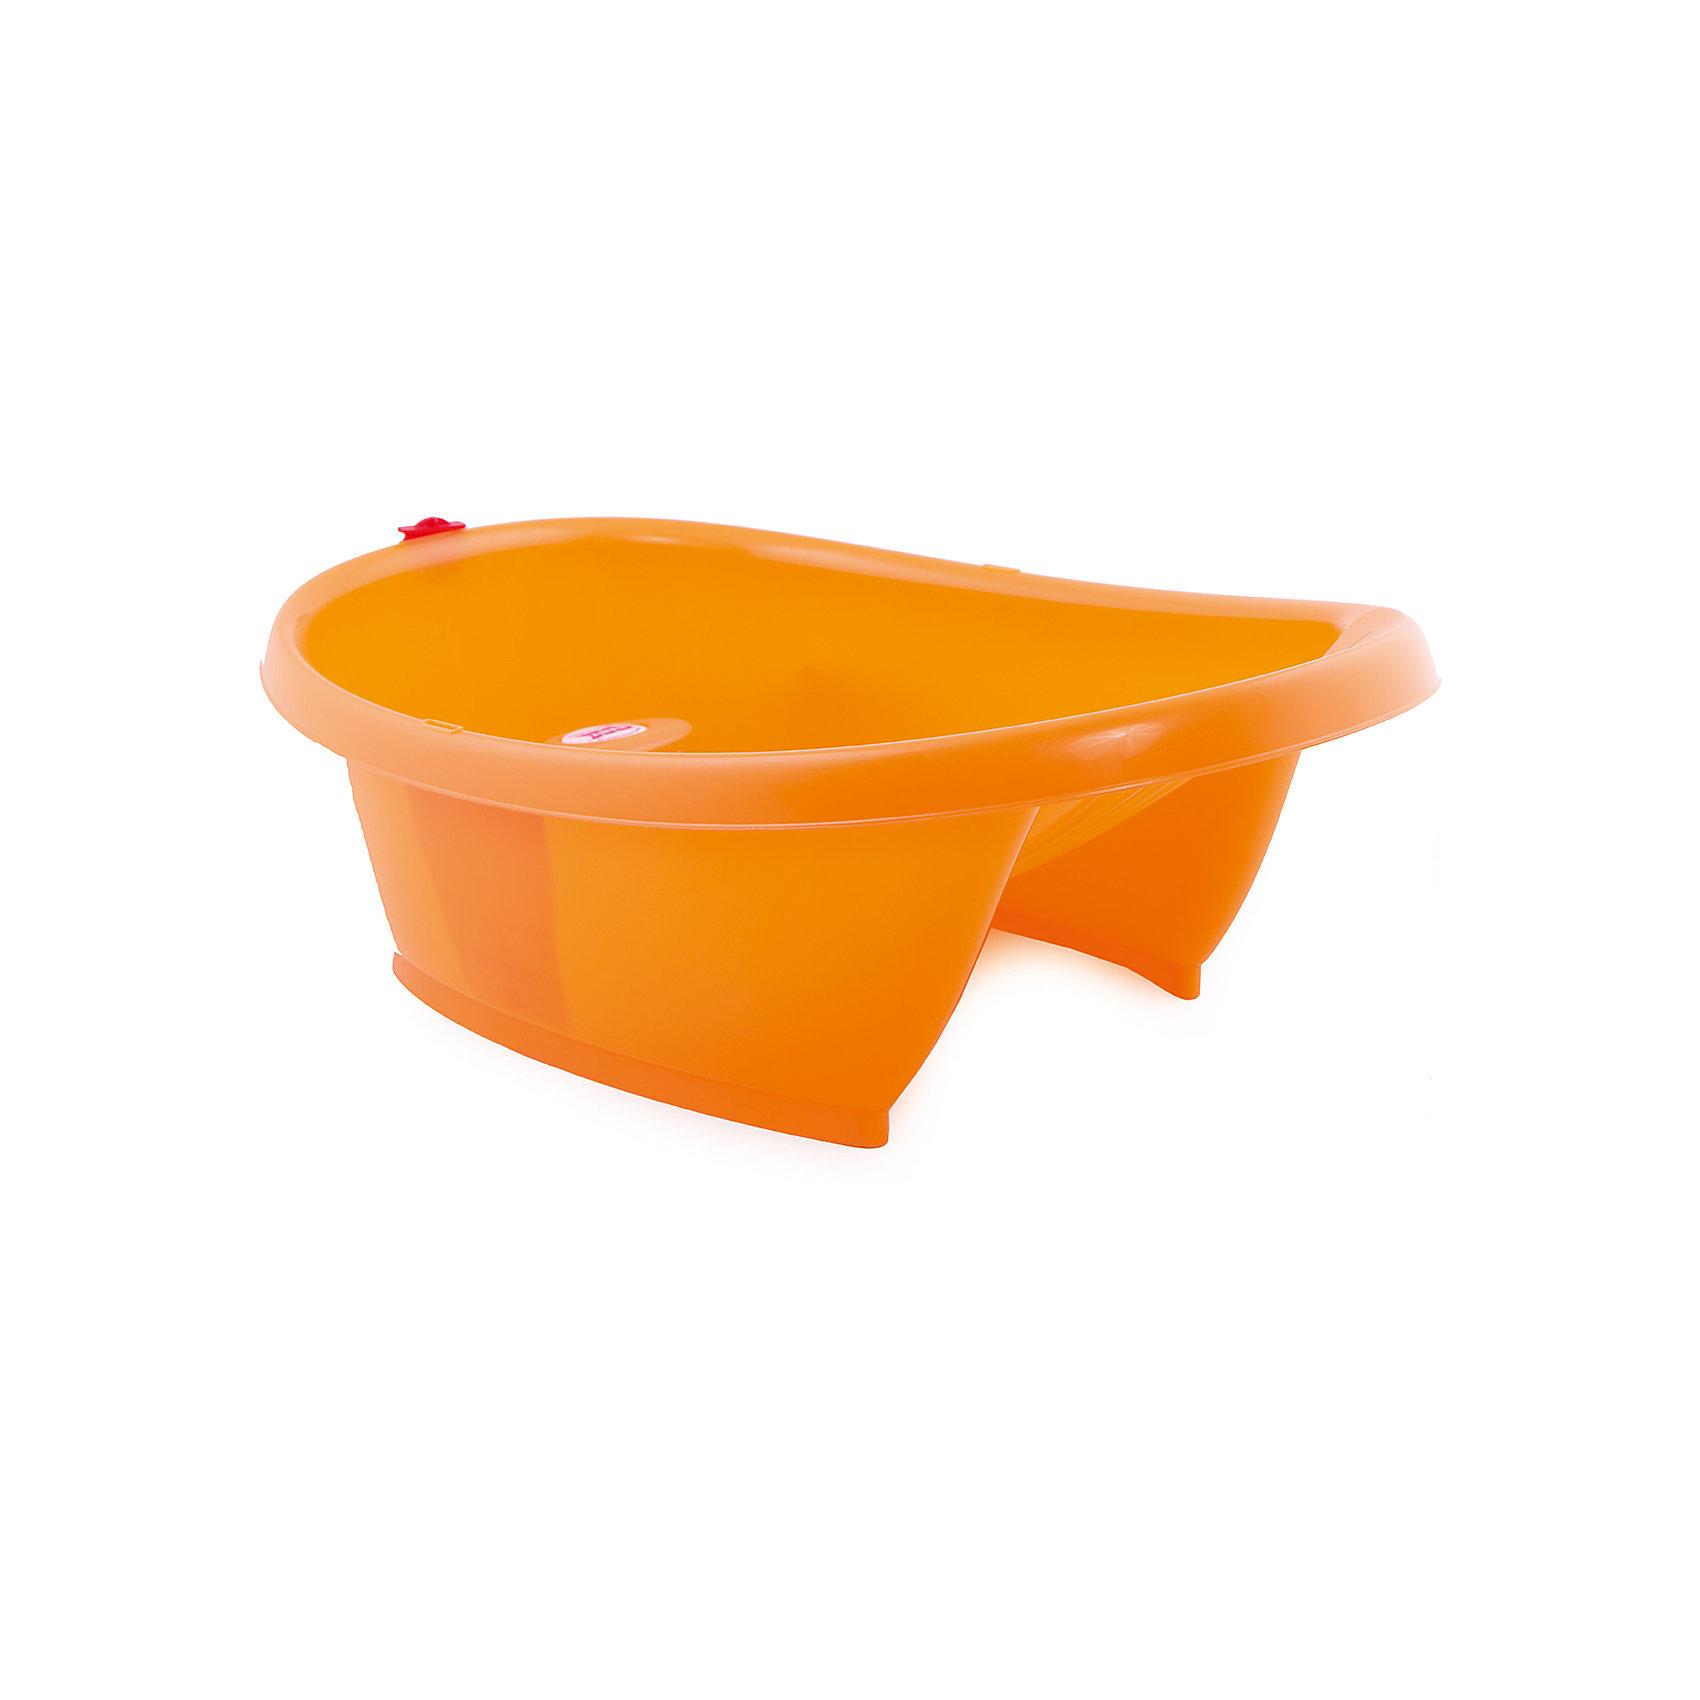 Ванночка Onda, Ok Baby, оранжевыйВанночка Onda подарит малышам безопасное и комфортное купание. Ванночка удерживает кроху в идеальном для купания положение, не позволяя ему соскользнуть под воду. Противоскользящие резиновые колпачки обеспечивают устойчивость на плоских поверхностях. Изделие выполнено из высококачественных экологичных материалов безопасных для детей. <br><br>Дополнительная информация:<br><br>- Материал: пластик.<br>- Размер: 42х24х63 см. <br>- Максимальный объем: 16 л.<br>- Возможна установка на большую ванну (при наличии крепления).<br>- Эргономичный дизайн<br>- Компактная и легкая.<br>- Встроенный термометр.<br>- Индикатор максимального уровня воды.<br>- Пробка для слива воды.<br><br>Ванночку Onda, Ok Baby, оранжевую, можно купить в нашем магазине.<br><br>Ширина мм: 630<br>Глубина мм: 420<br>Высота мм: 240<br>Вес г: 2500<br>Возраст от месяцев: 0<br>Возраст до месяцев: 12<br>Пол: Унисекс<br>Возраст: Детский<br>SKU: 4443732